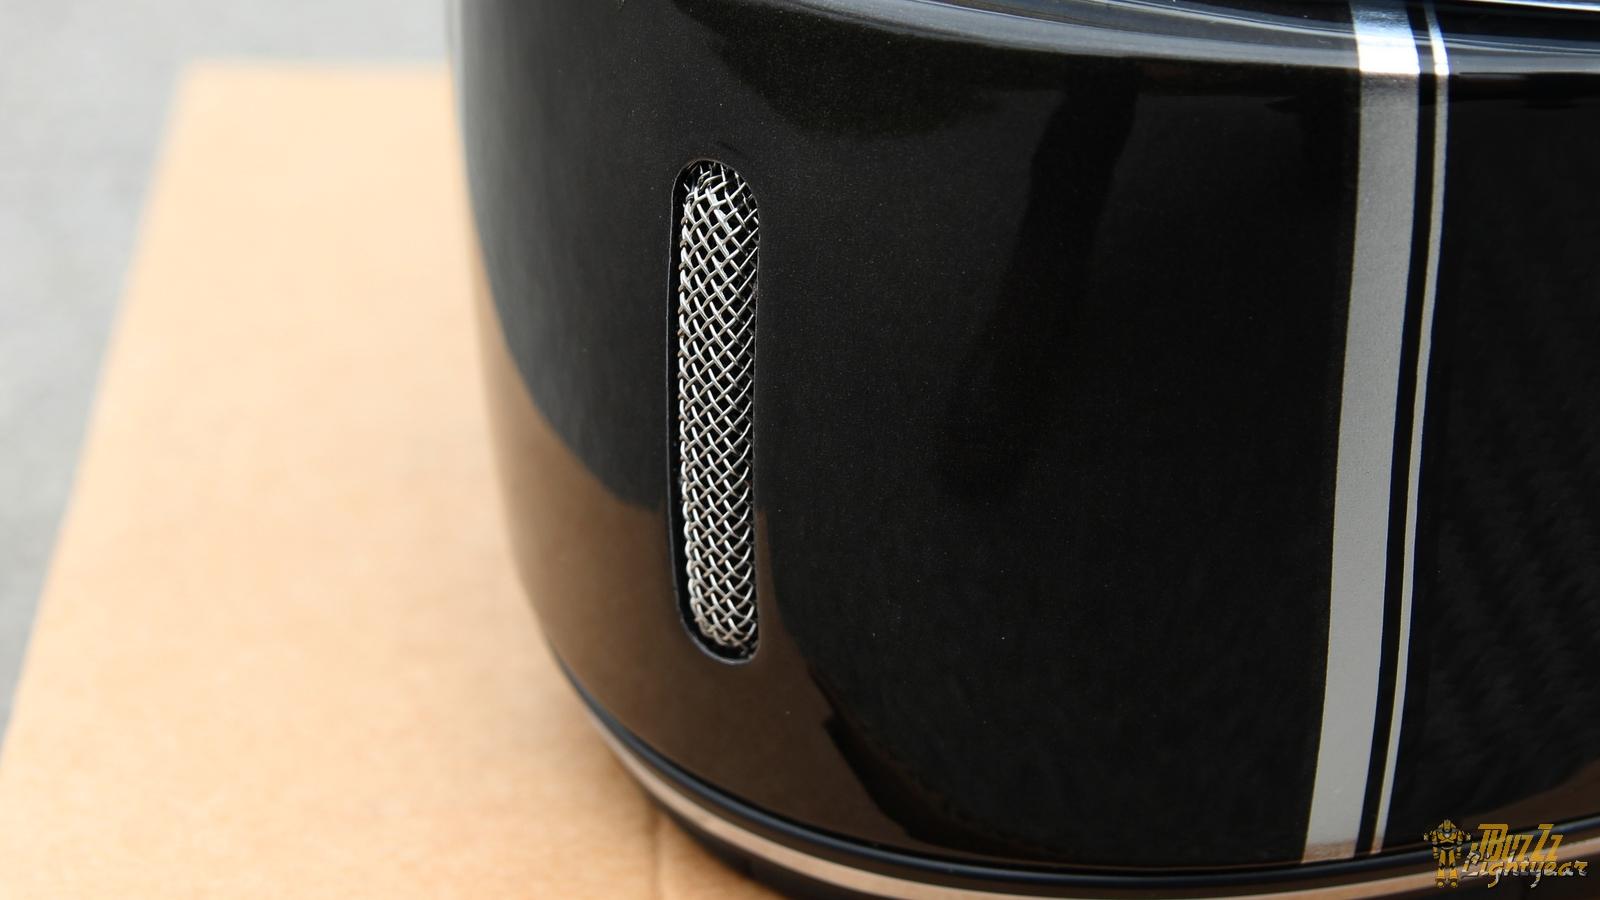 Une seule aération sur le casque NEXX X.G100 Racer